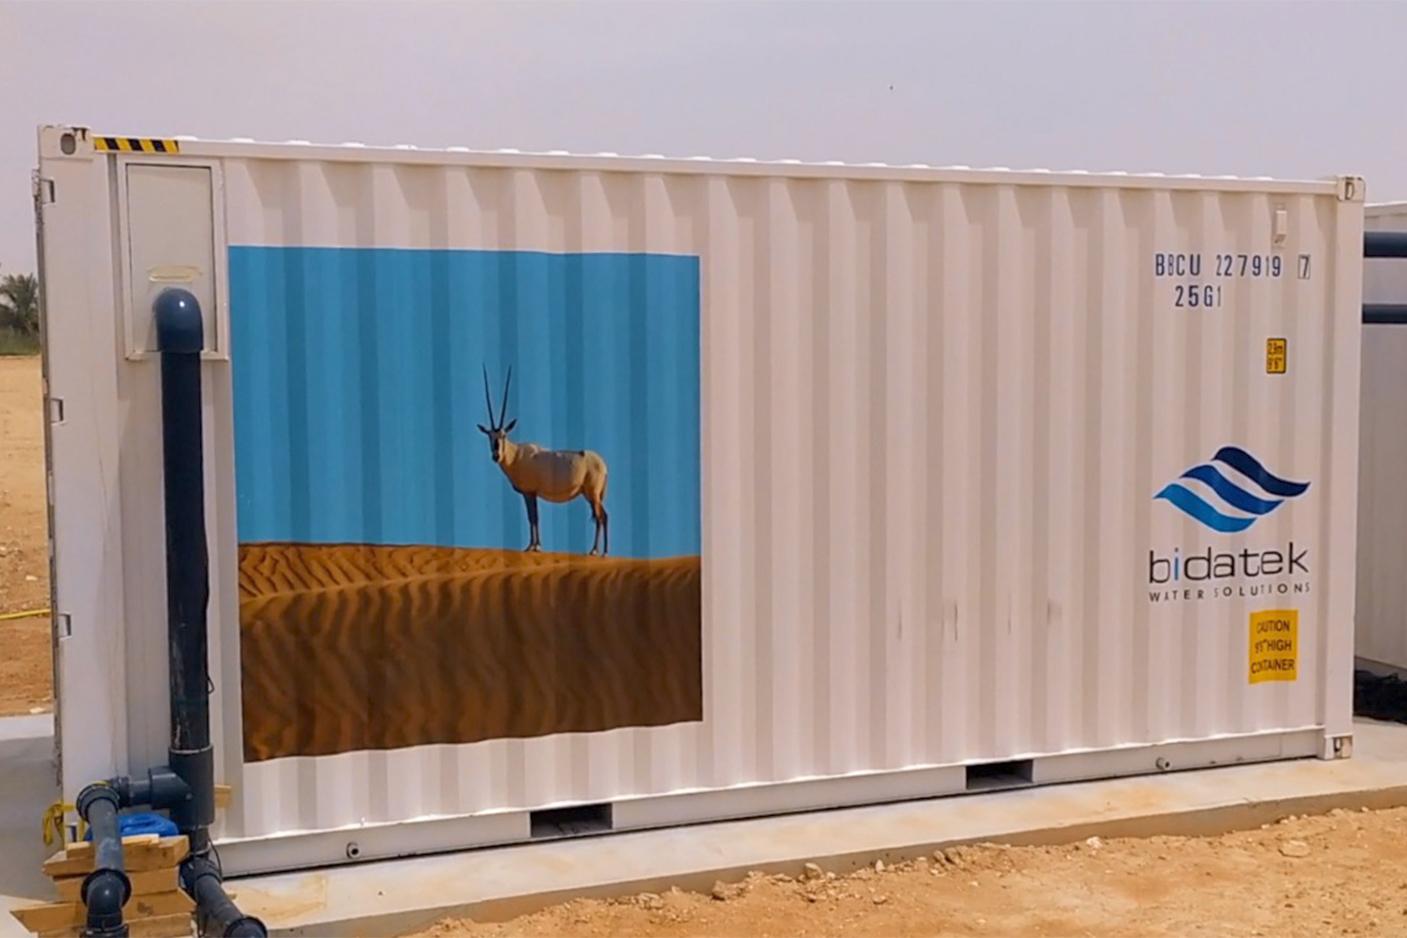 La planta contenerizada compacta de osmosis inversa fabricada por Bidatek para Qatar está operativa